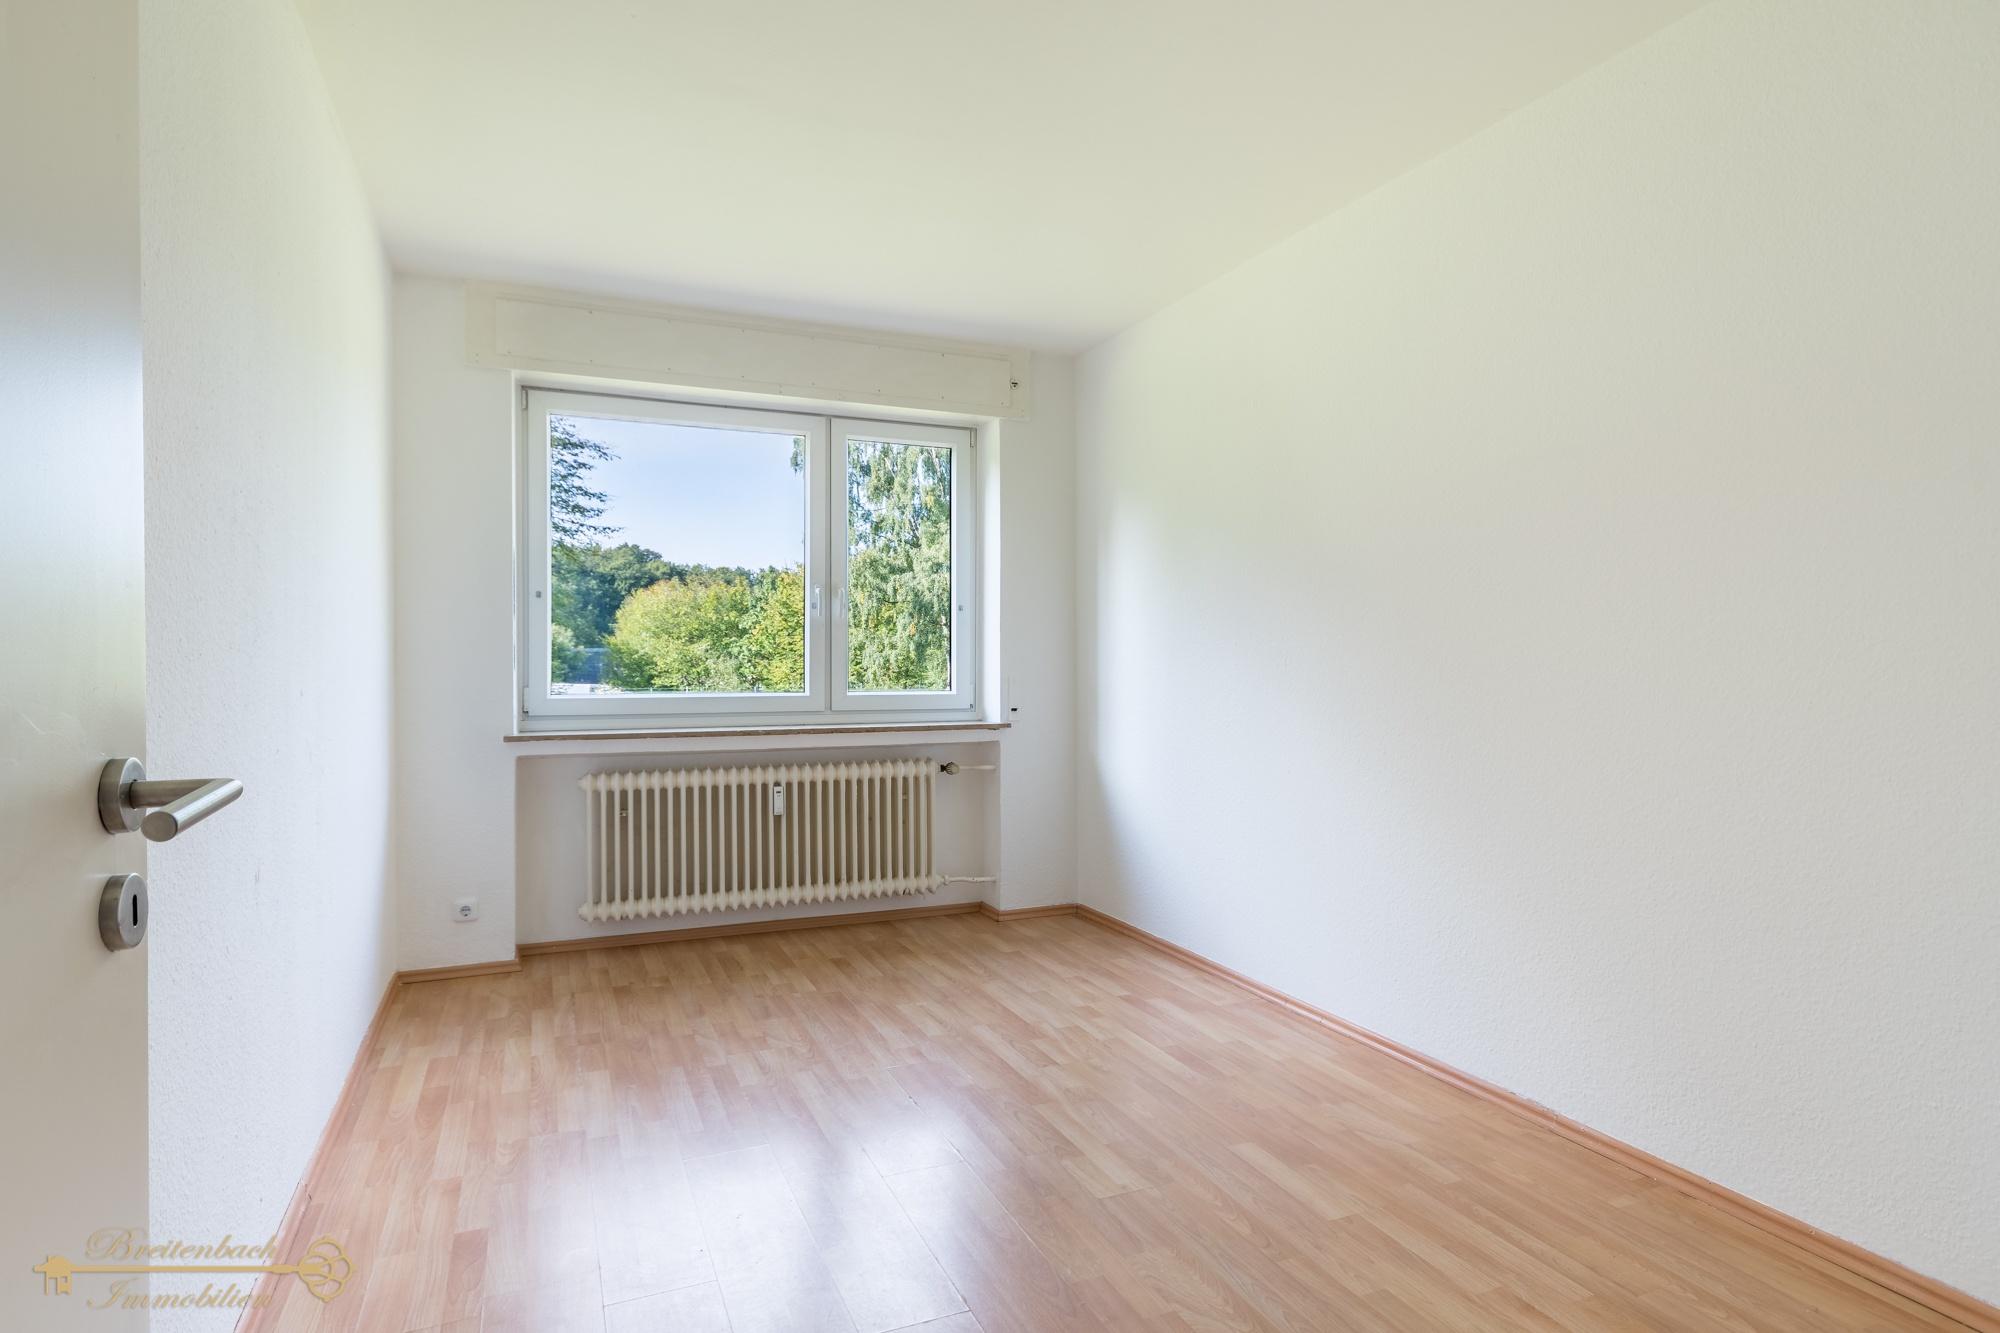 2020-09-26-Breitenbach-Immobilien-9